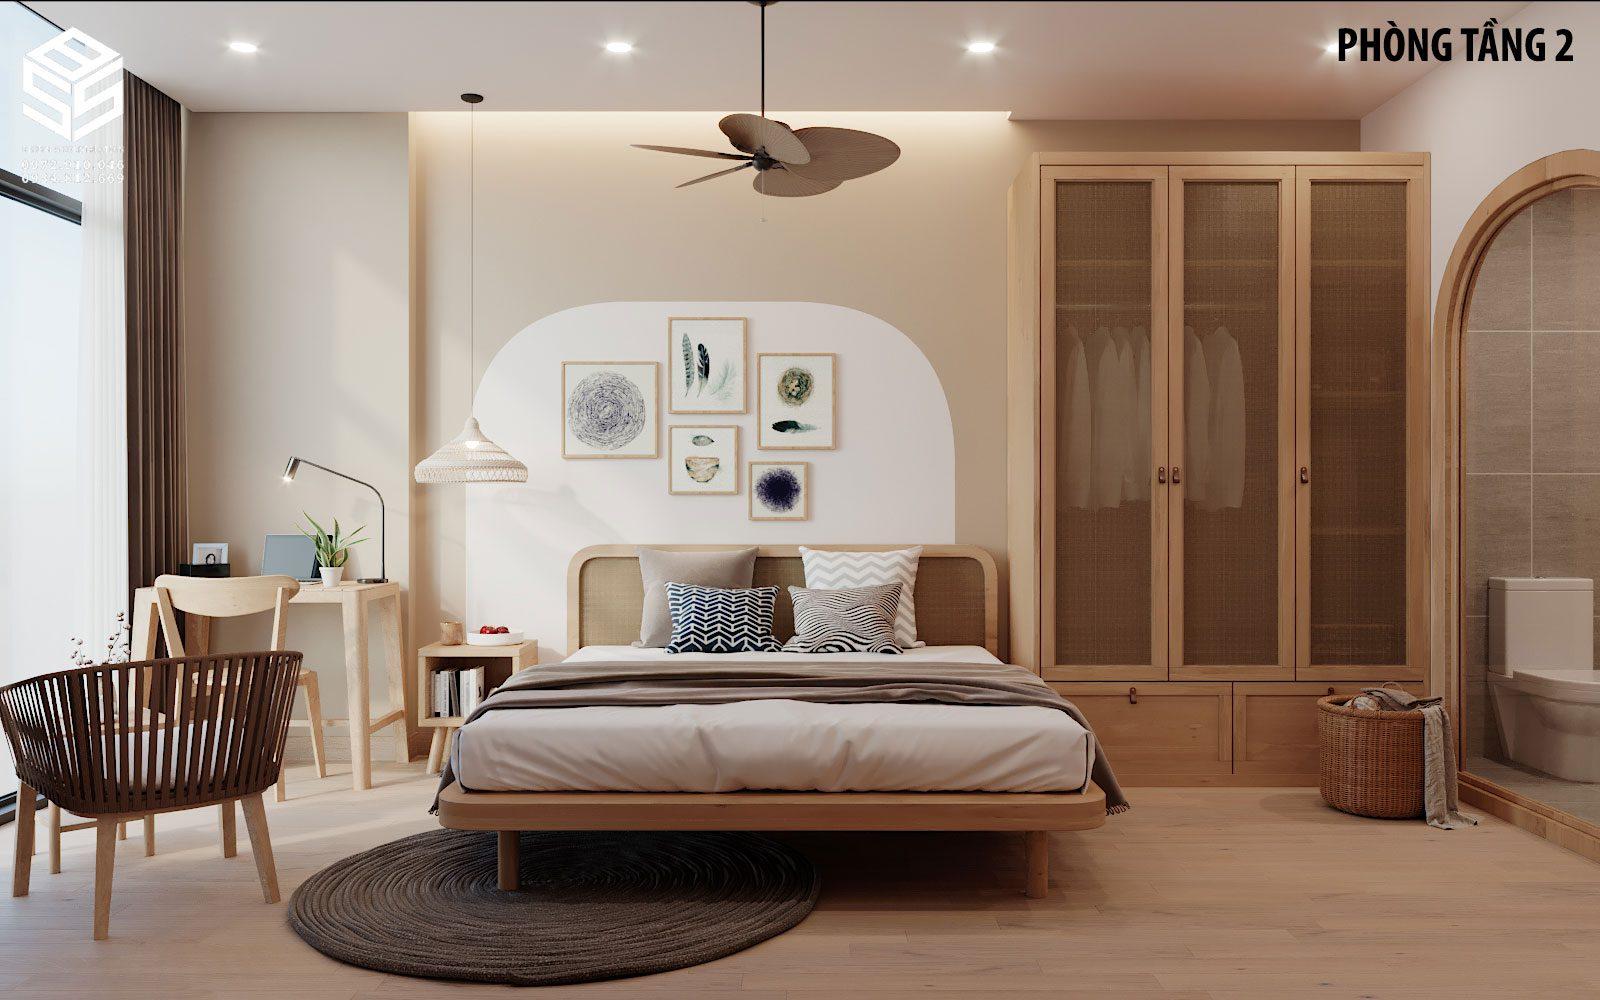 Tranh trang trí phòng ngủ đẹp